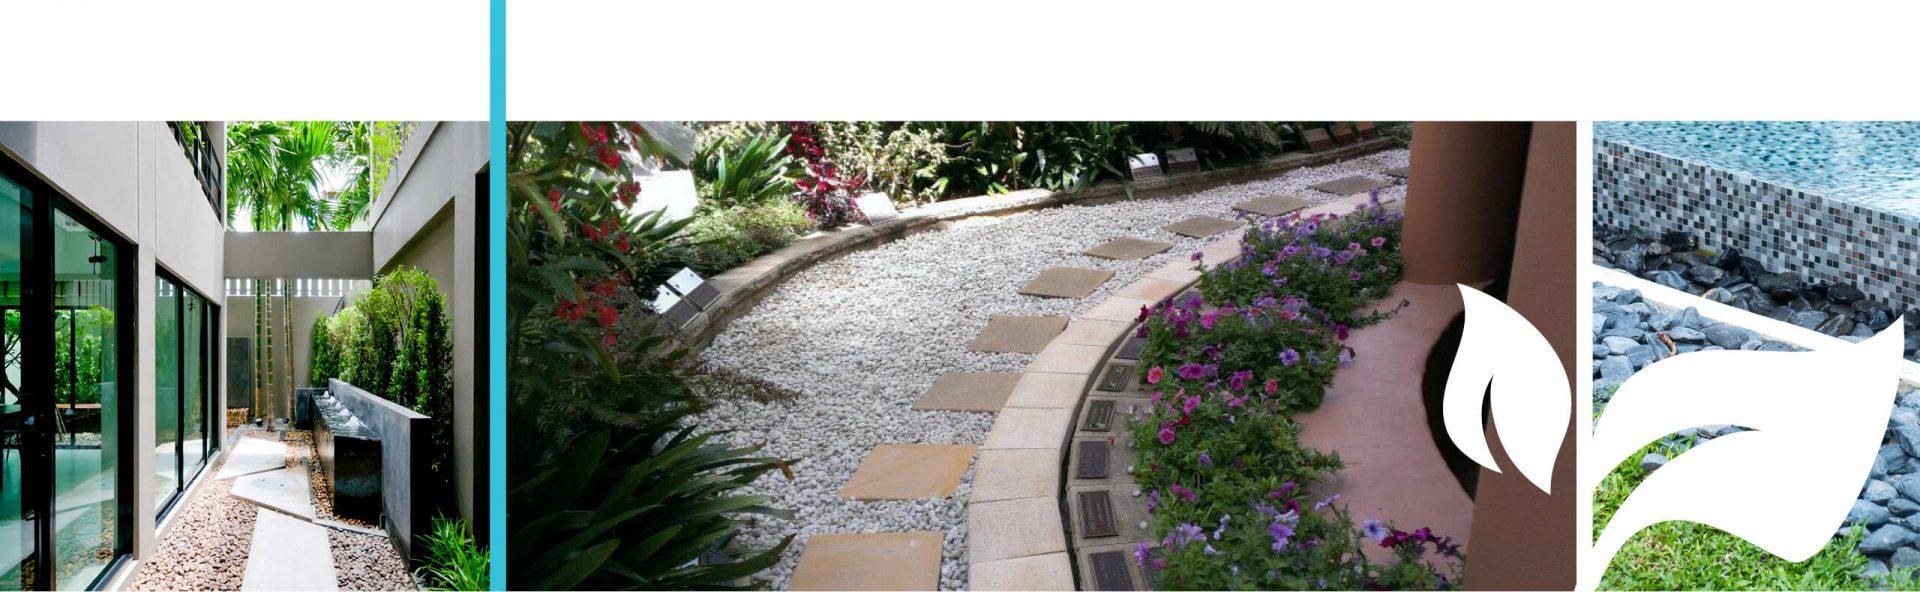 Decorative gravel pathway